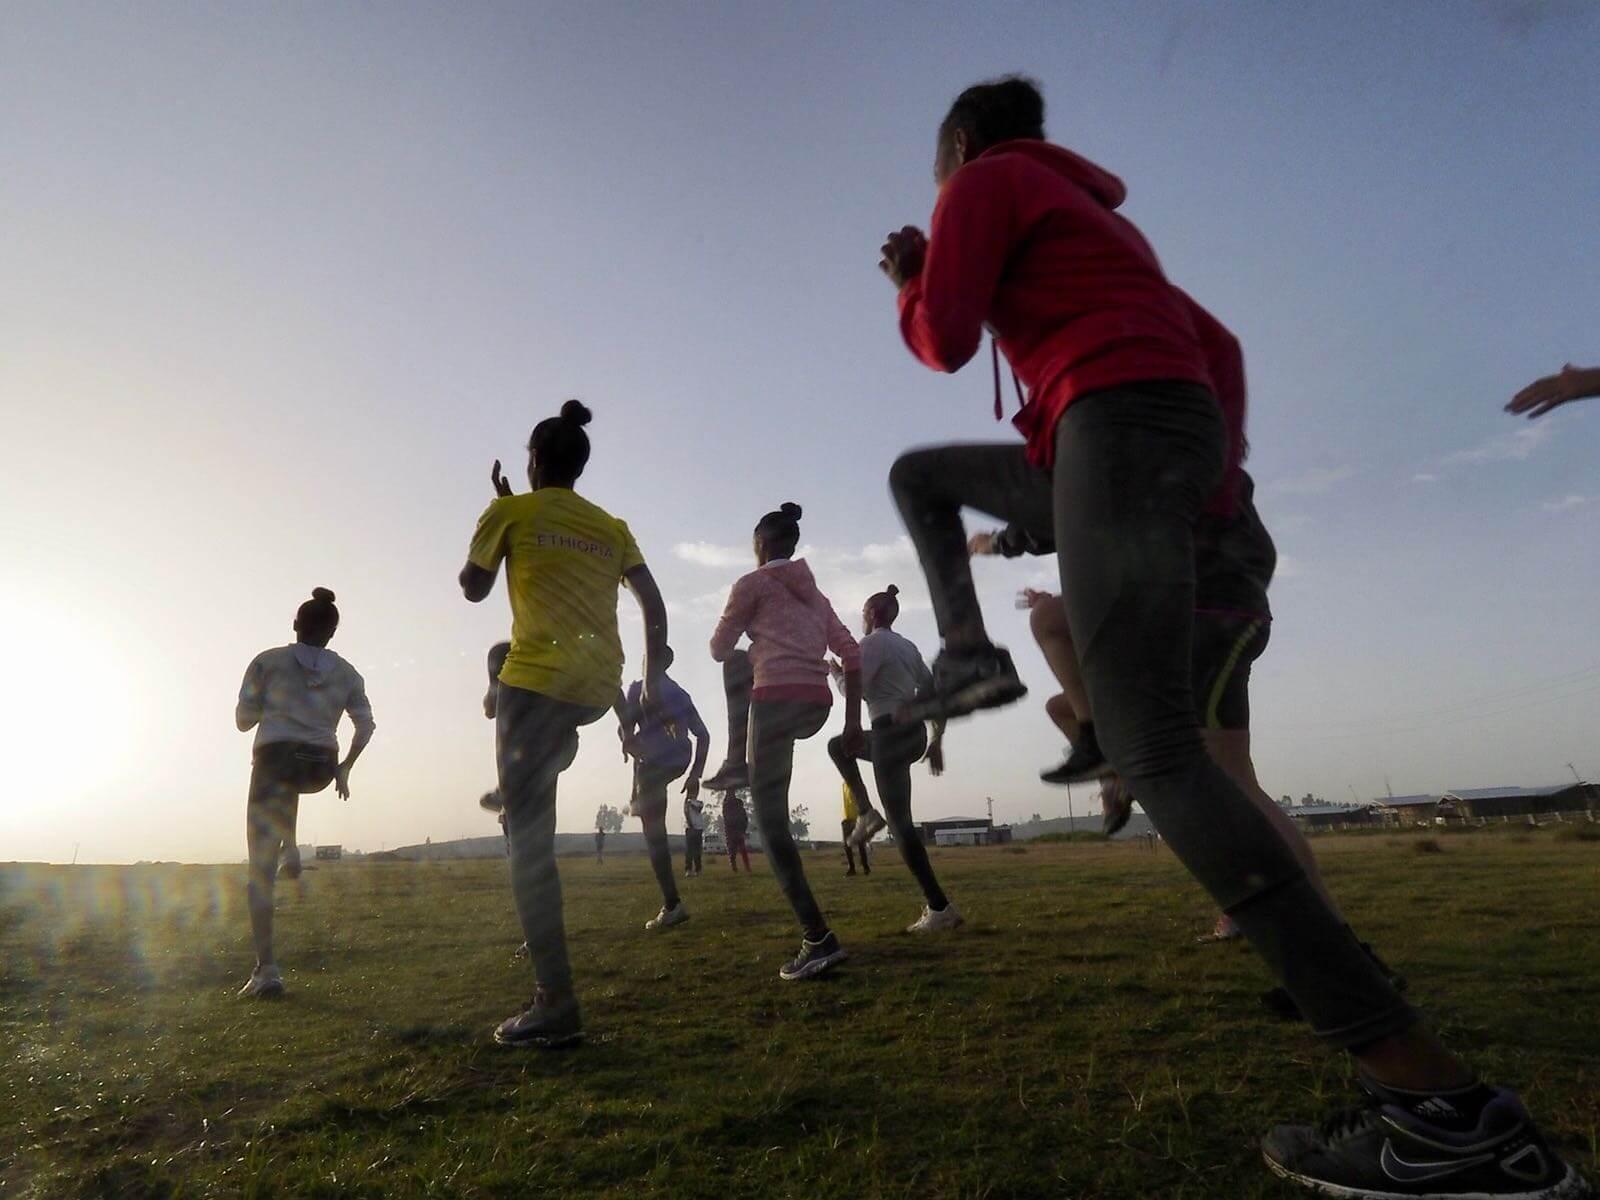 debrebirhan Etiopia running